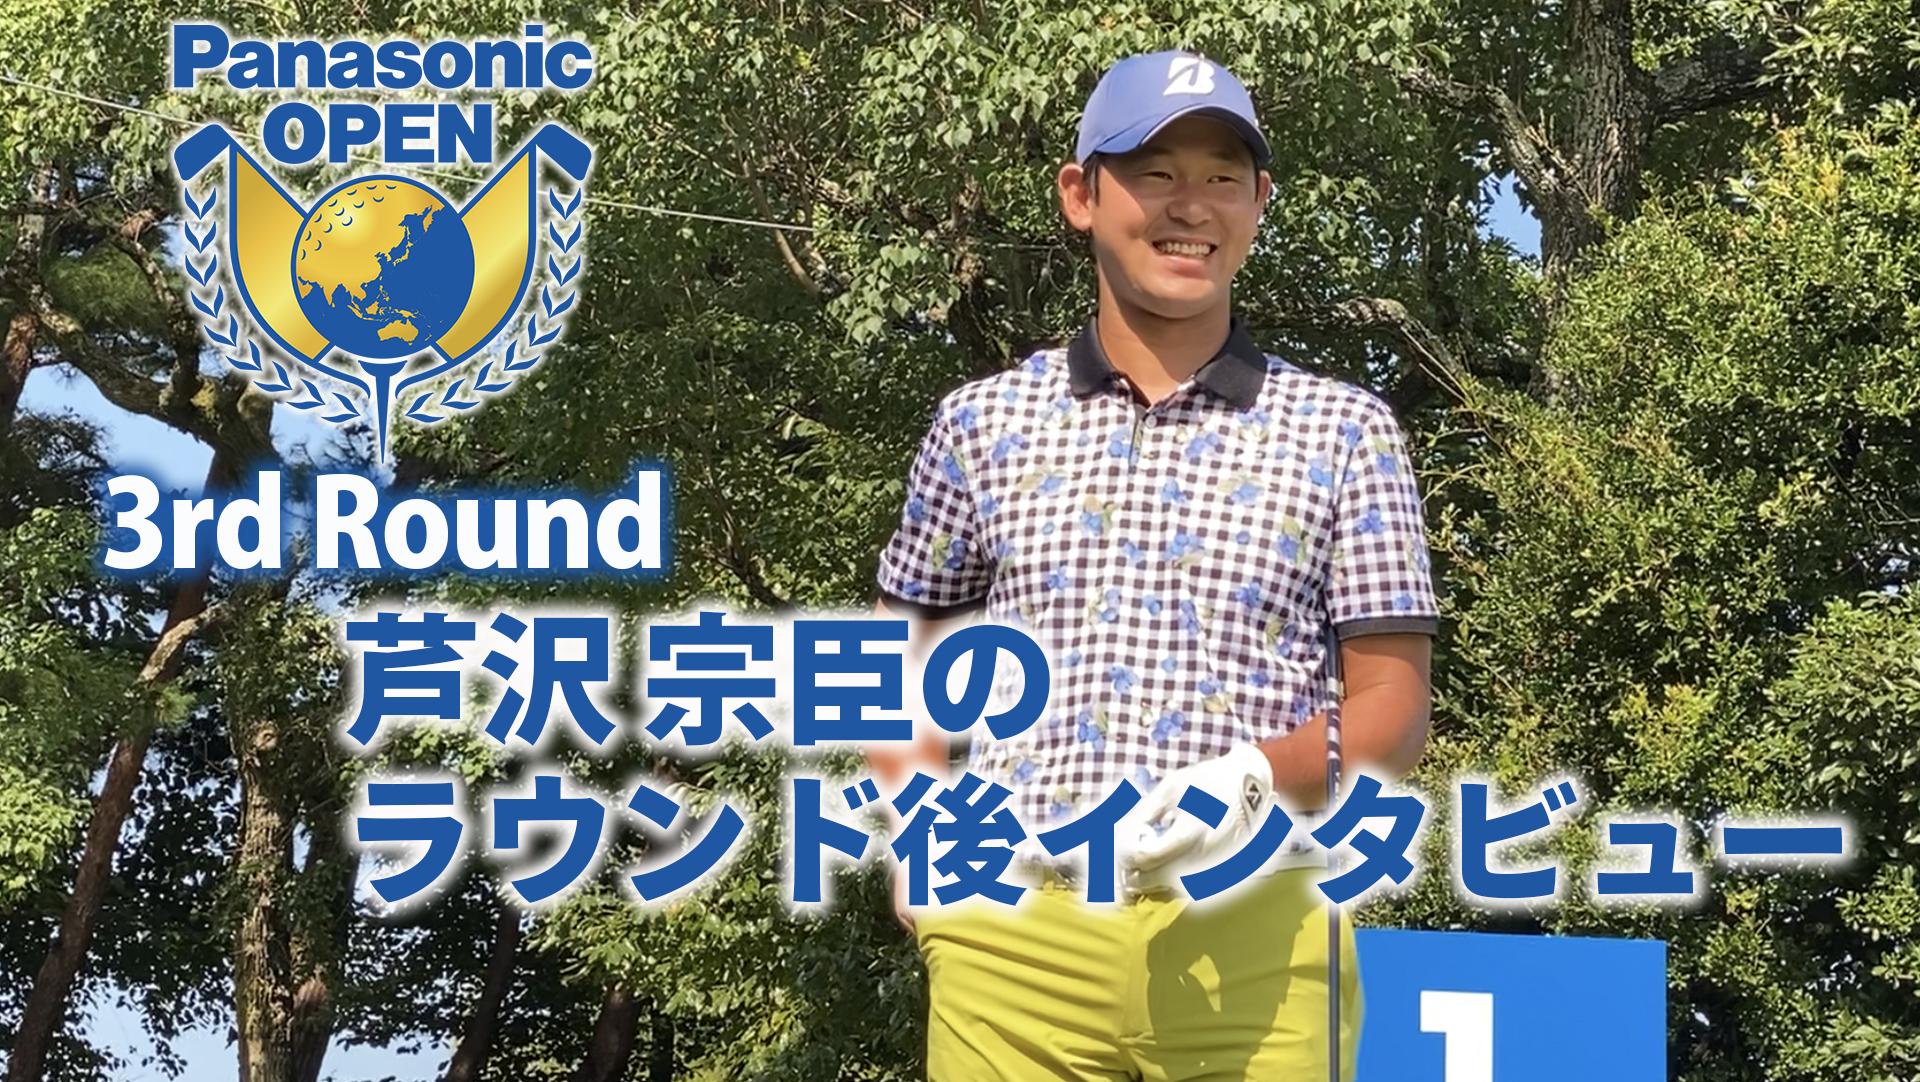 【男子ゴルフ】芦沢宗臣が通算15アンダーで首位タイに!パナソニックオープン ゴルフチャンピオンシップ 3rd Round